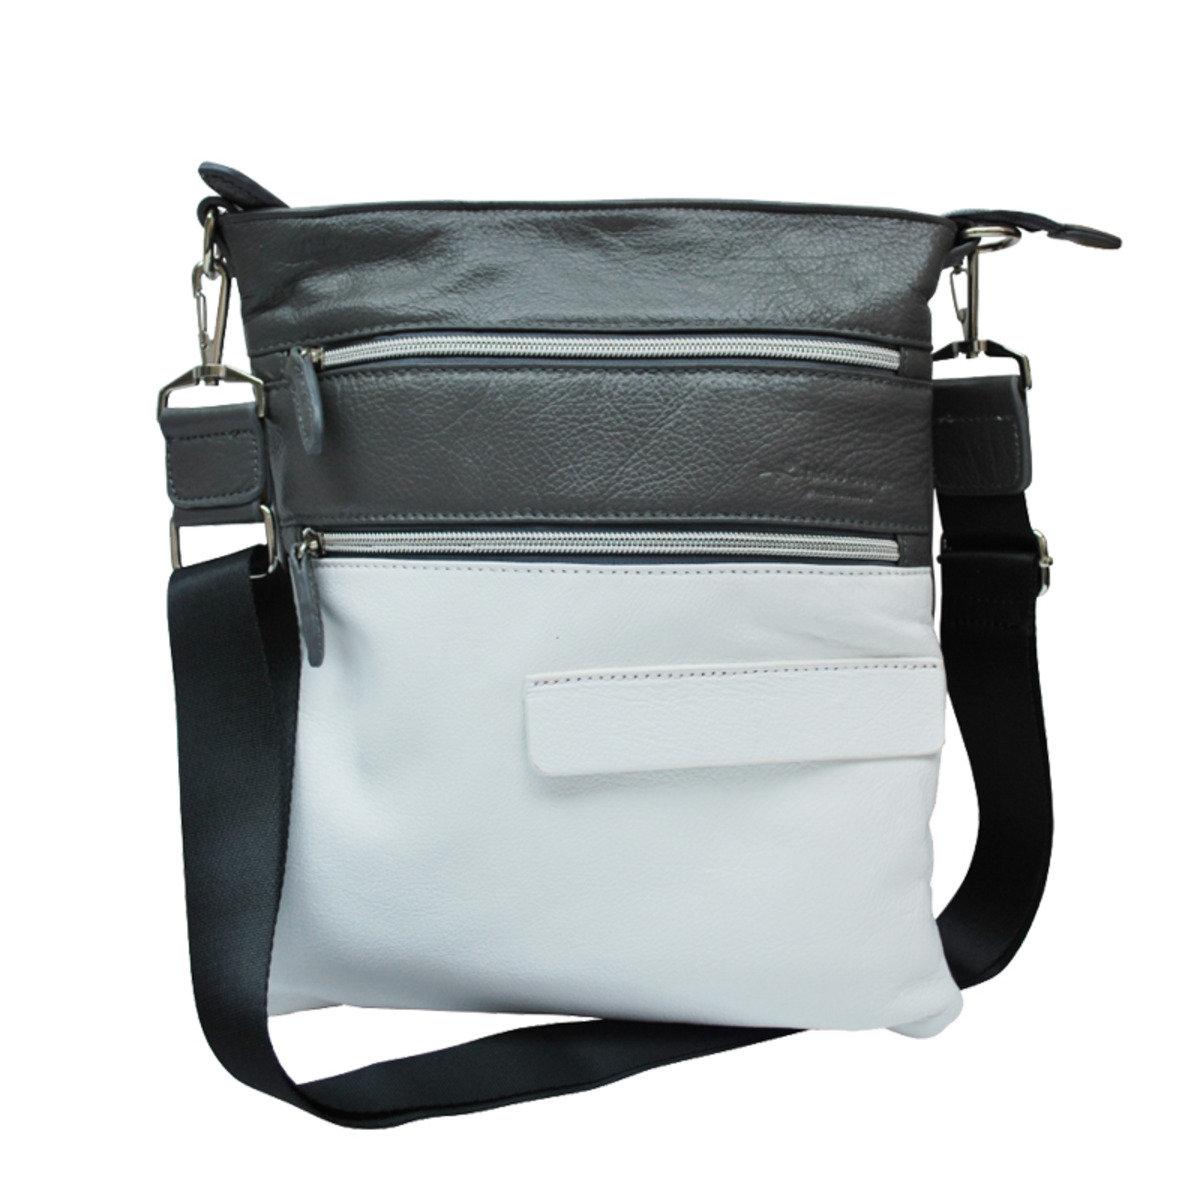 Start系列 - 16吋皮革時尚揹袋